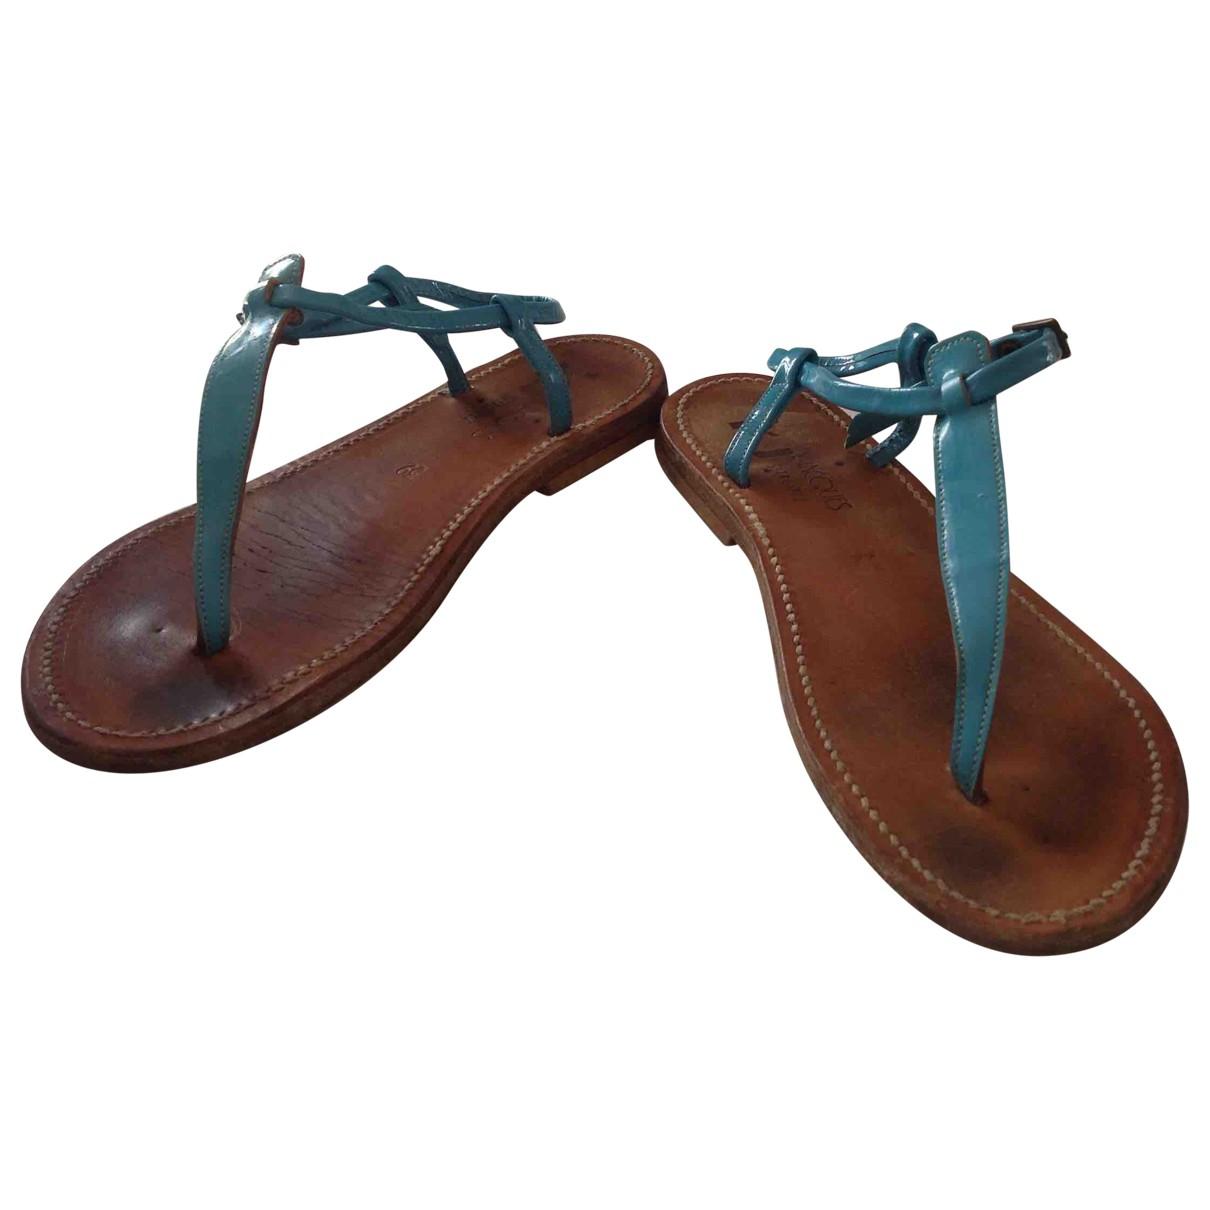 K Jacques Patent leather sandal